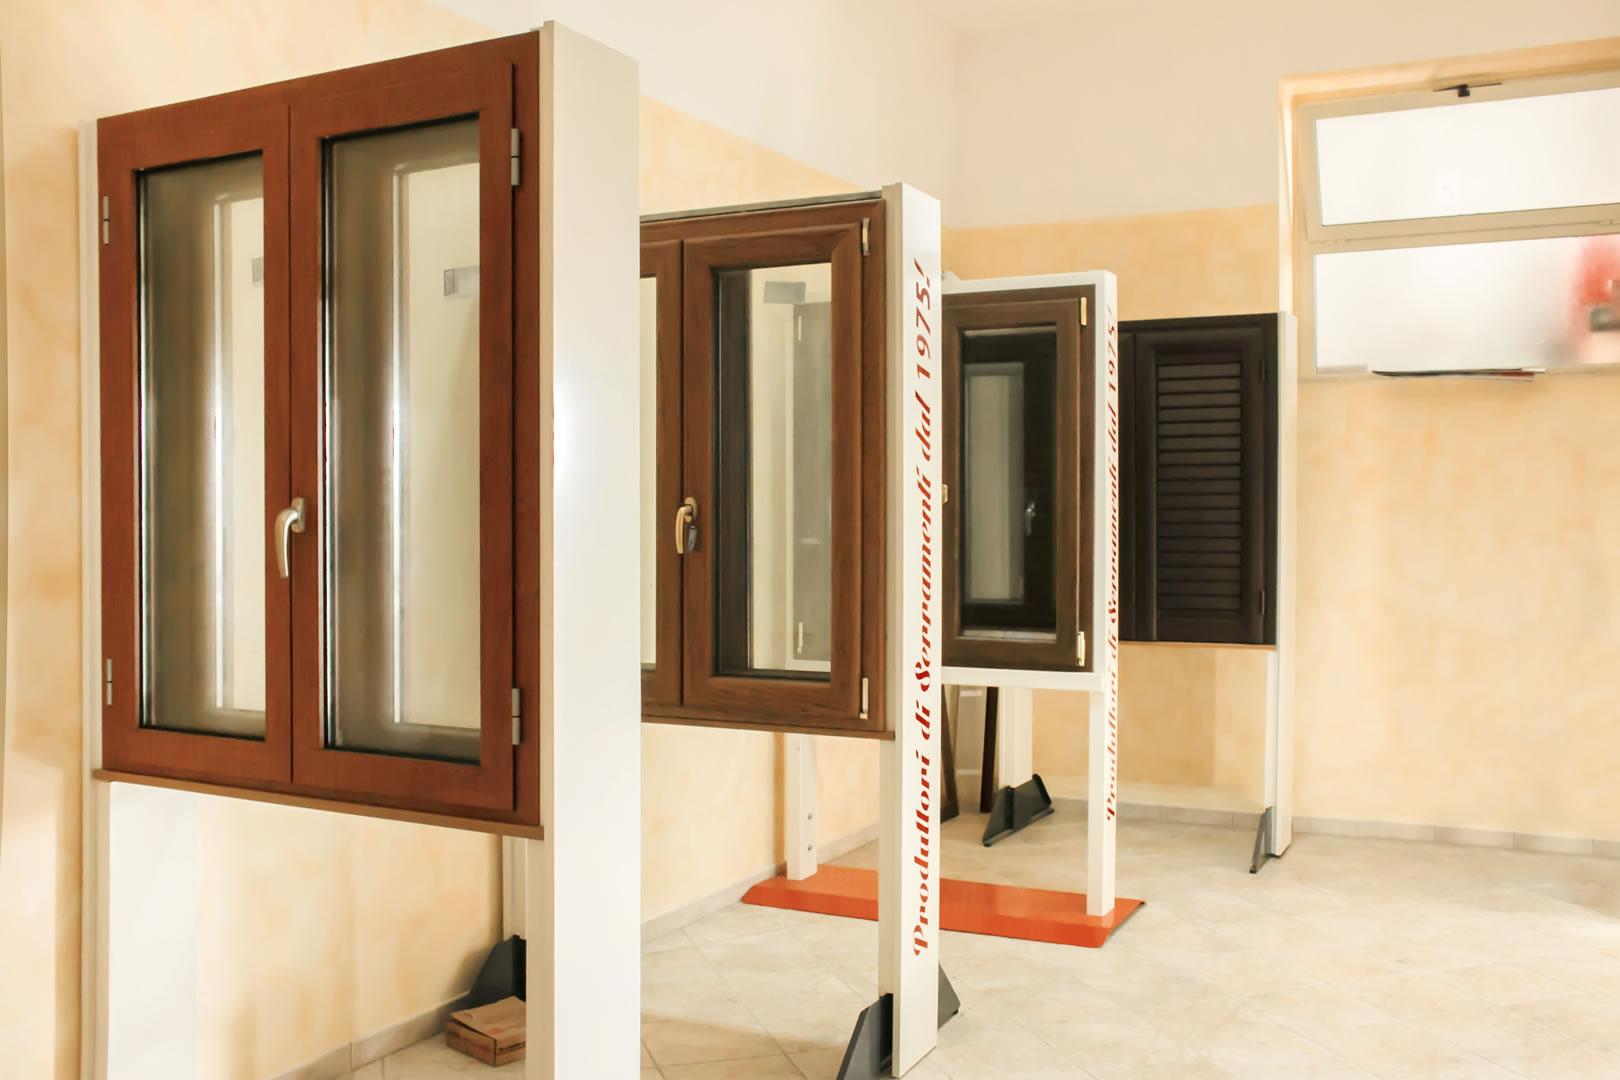 Finestre metalcentro - Showroom porte e finestre ...